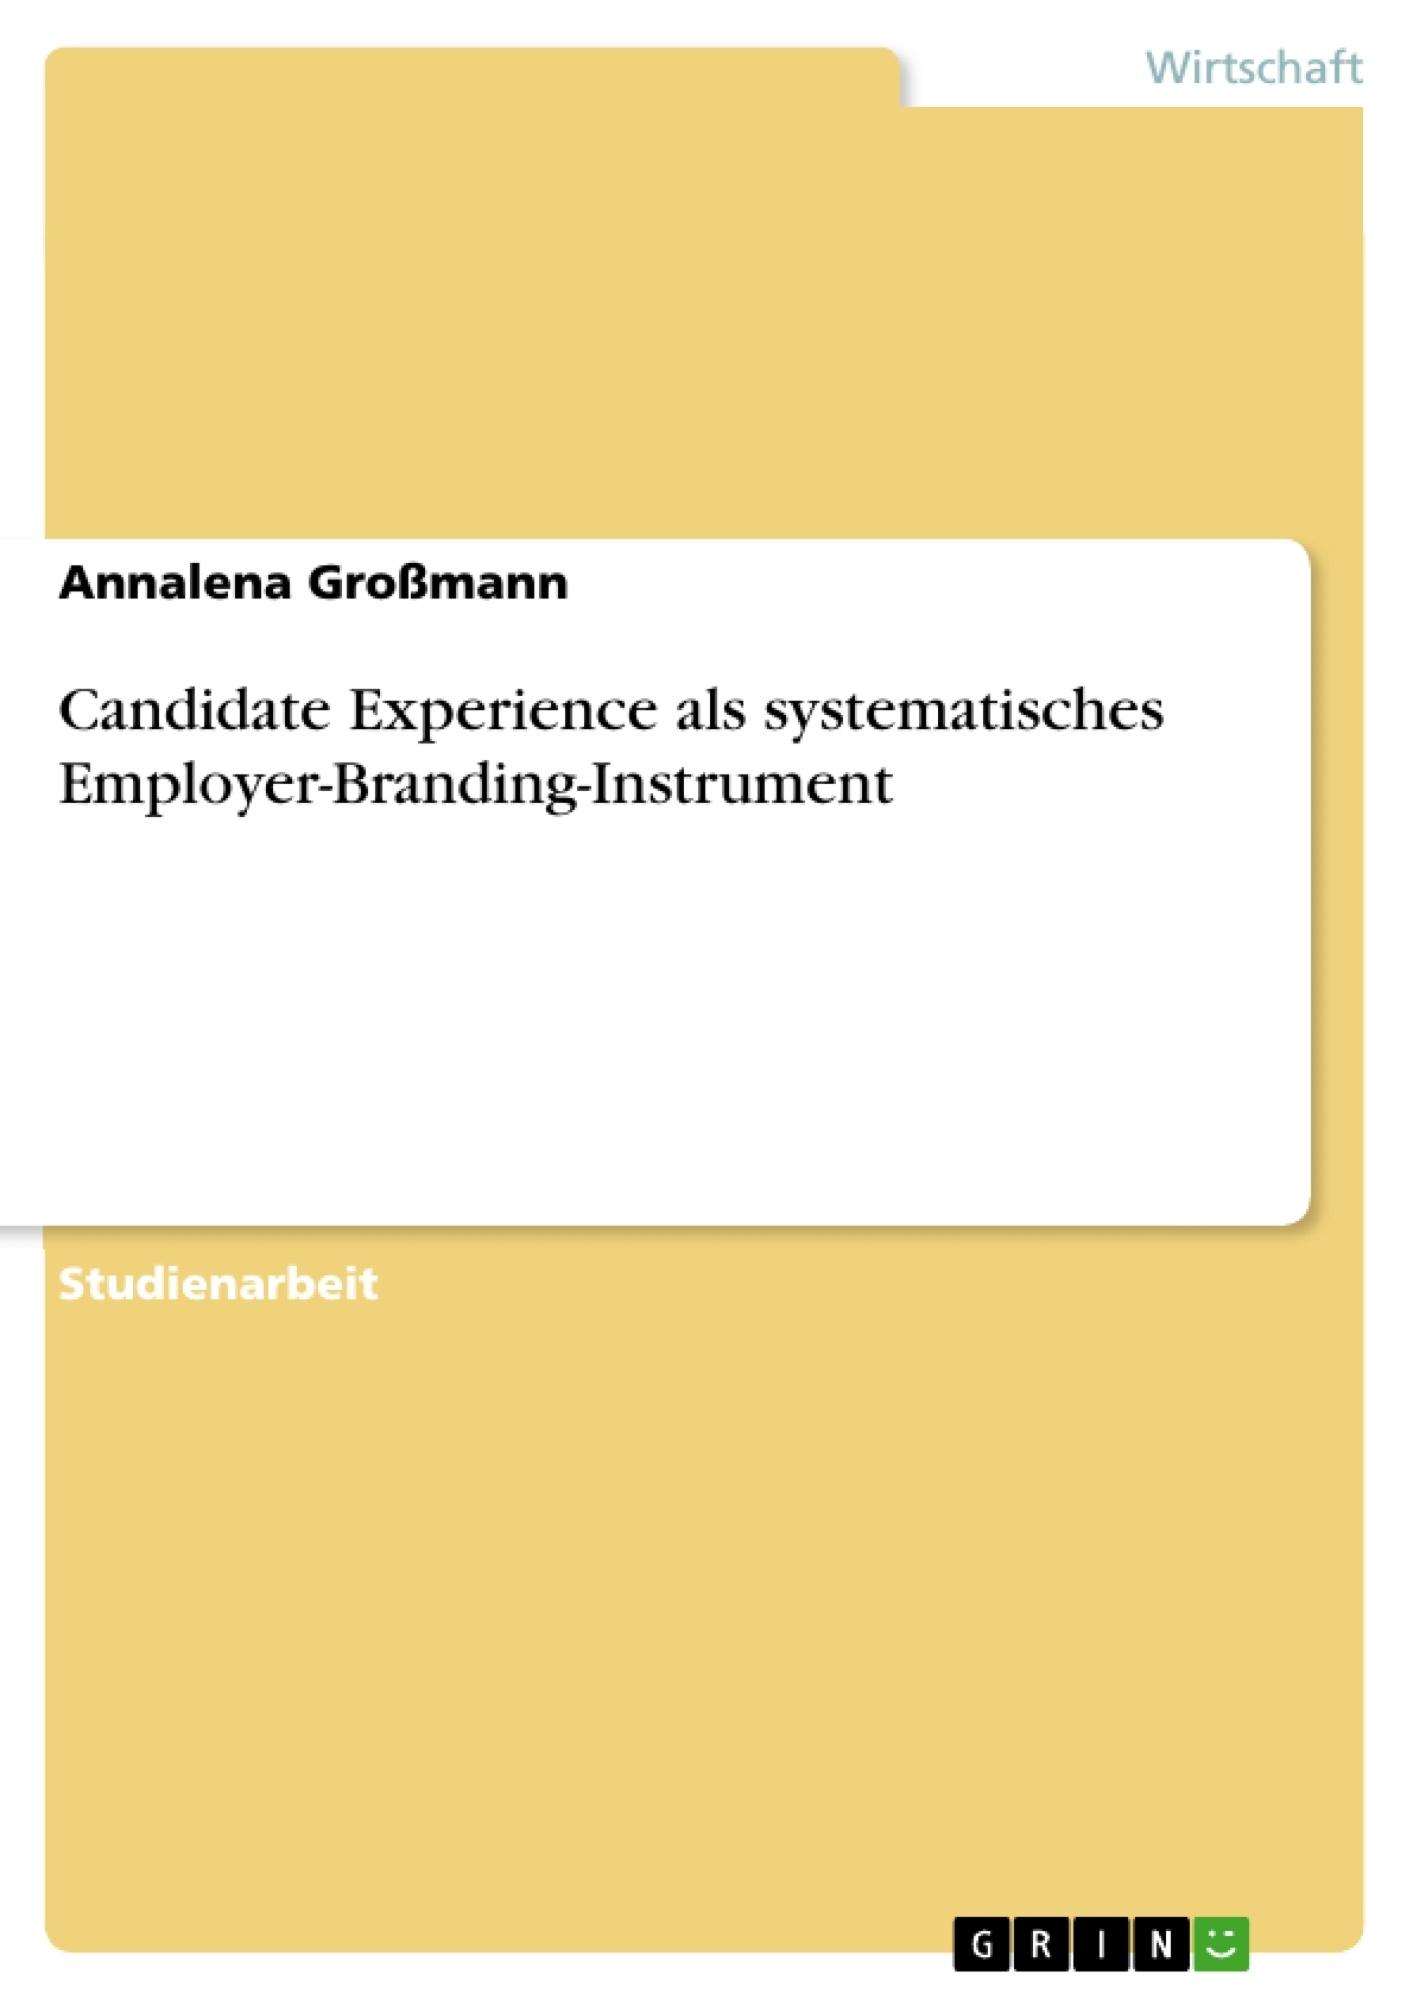 Titel: Candidate Experience als systematisches Employer-Branding-Instrument